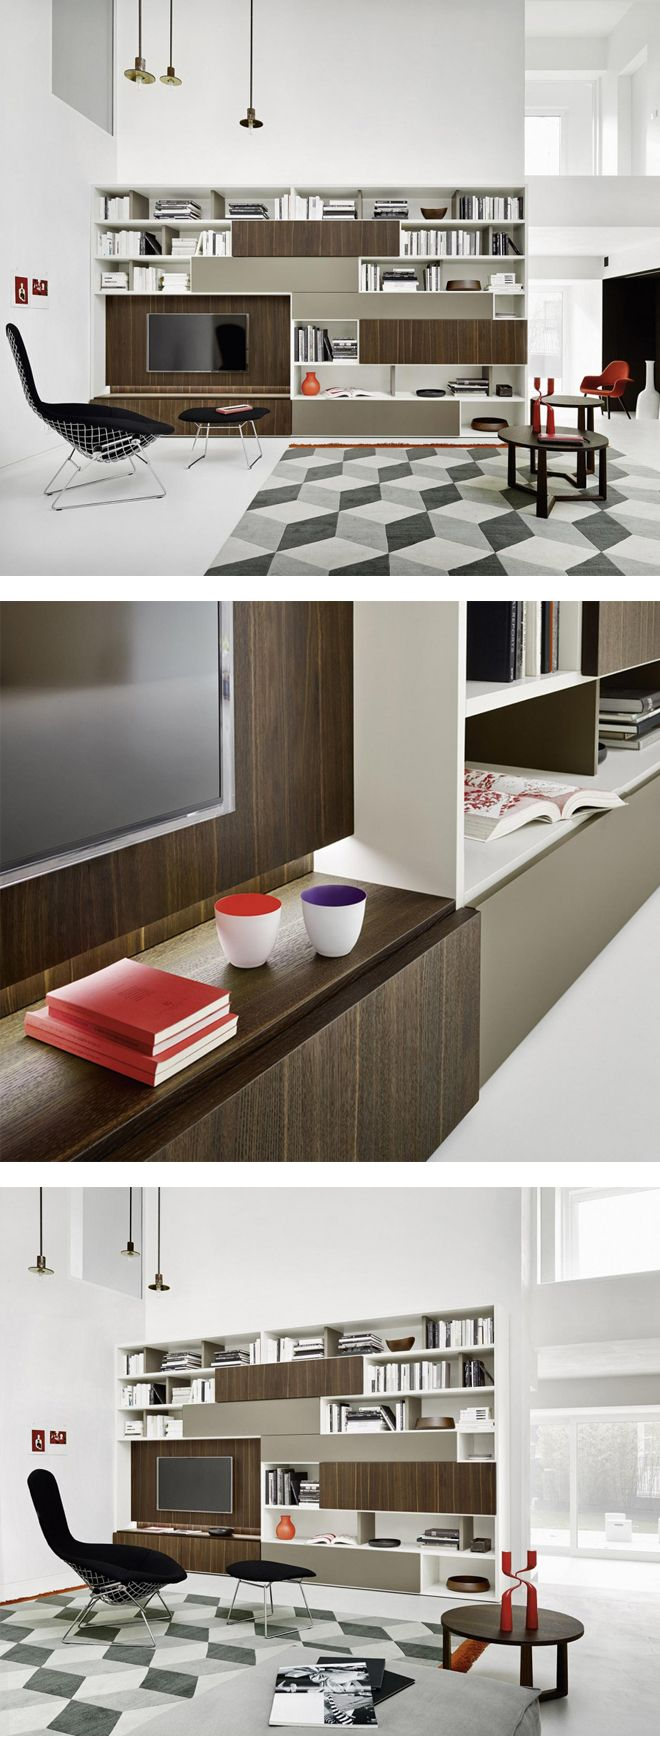 Außergewöhnliche Design Kommode Valeo Von Livitalia Mit Drei Versetzten  Schubladen. #Kommode #chestofdrawers #